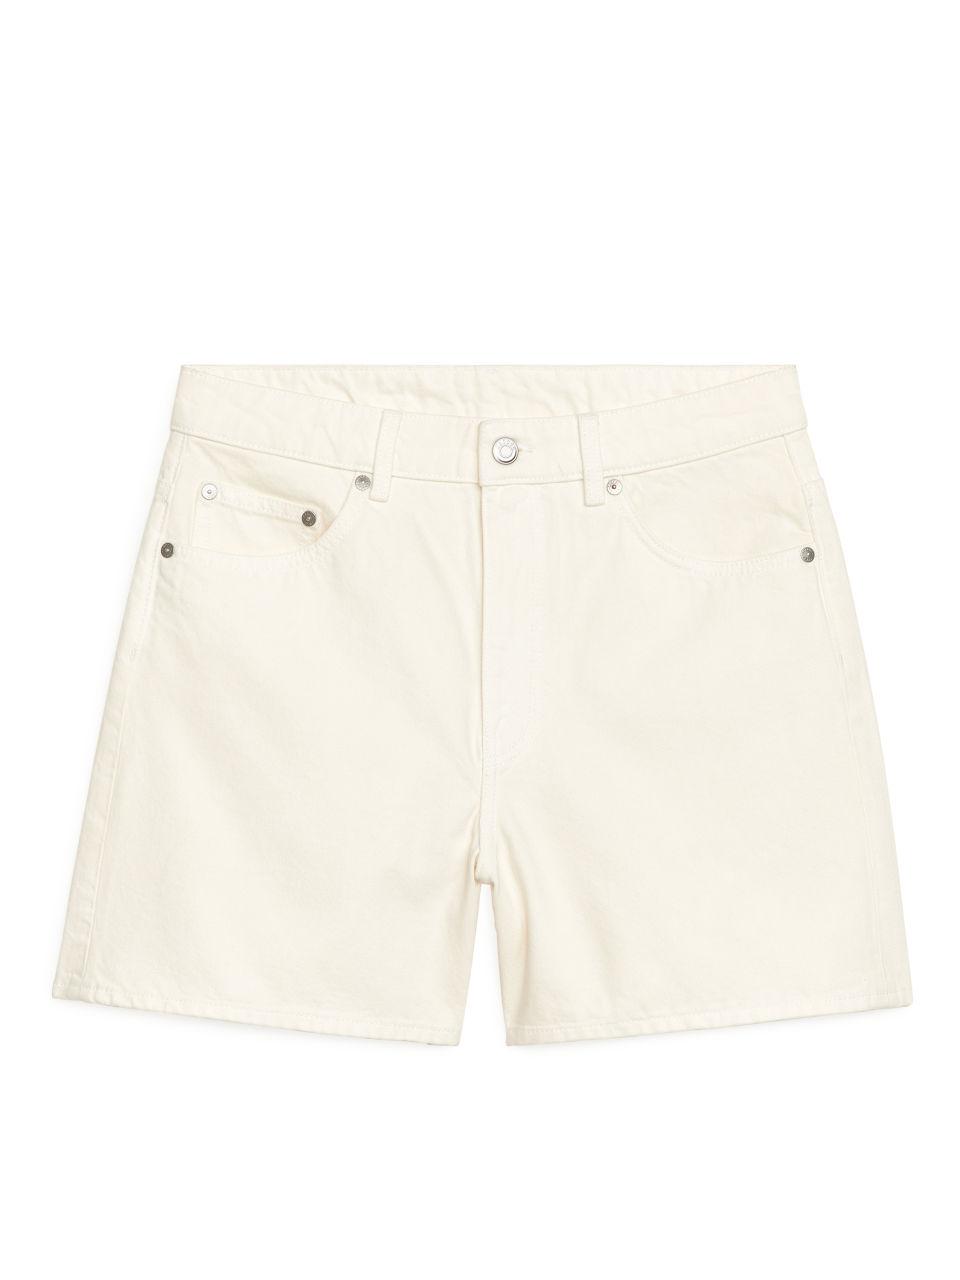 High Waist Denim Shorts - White